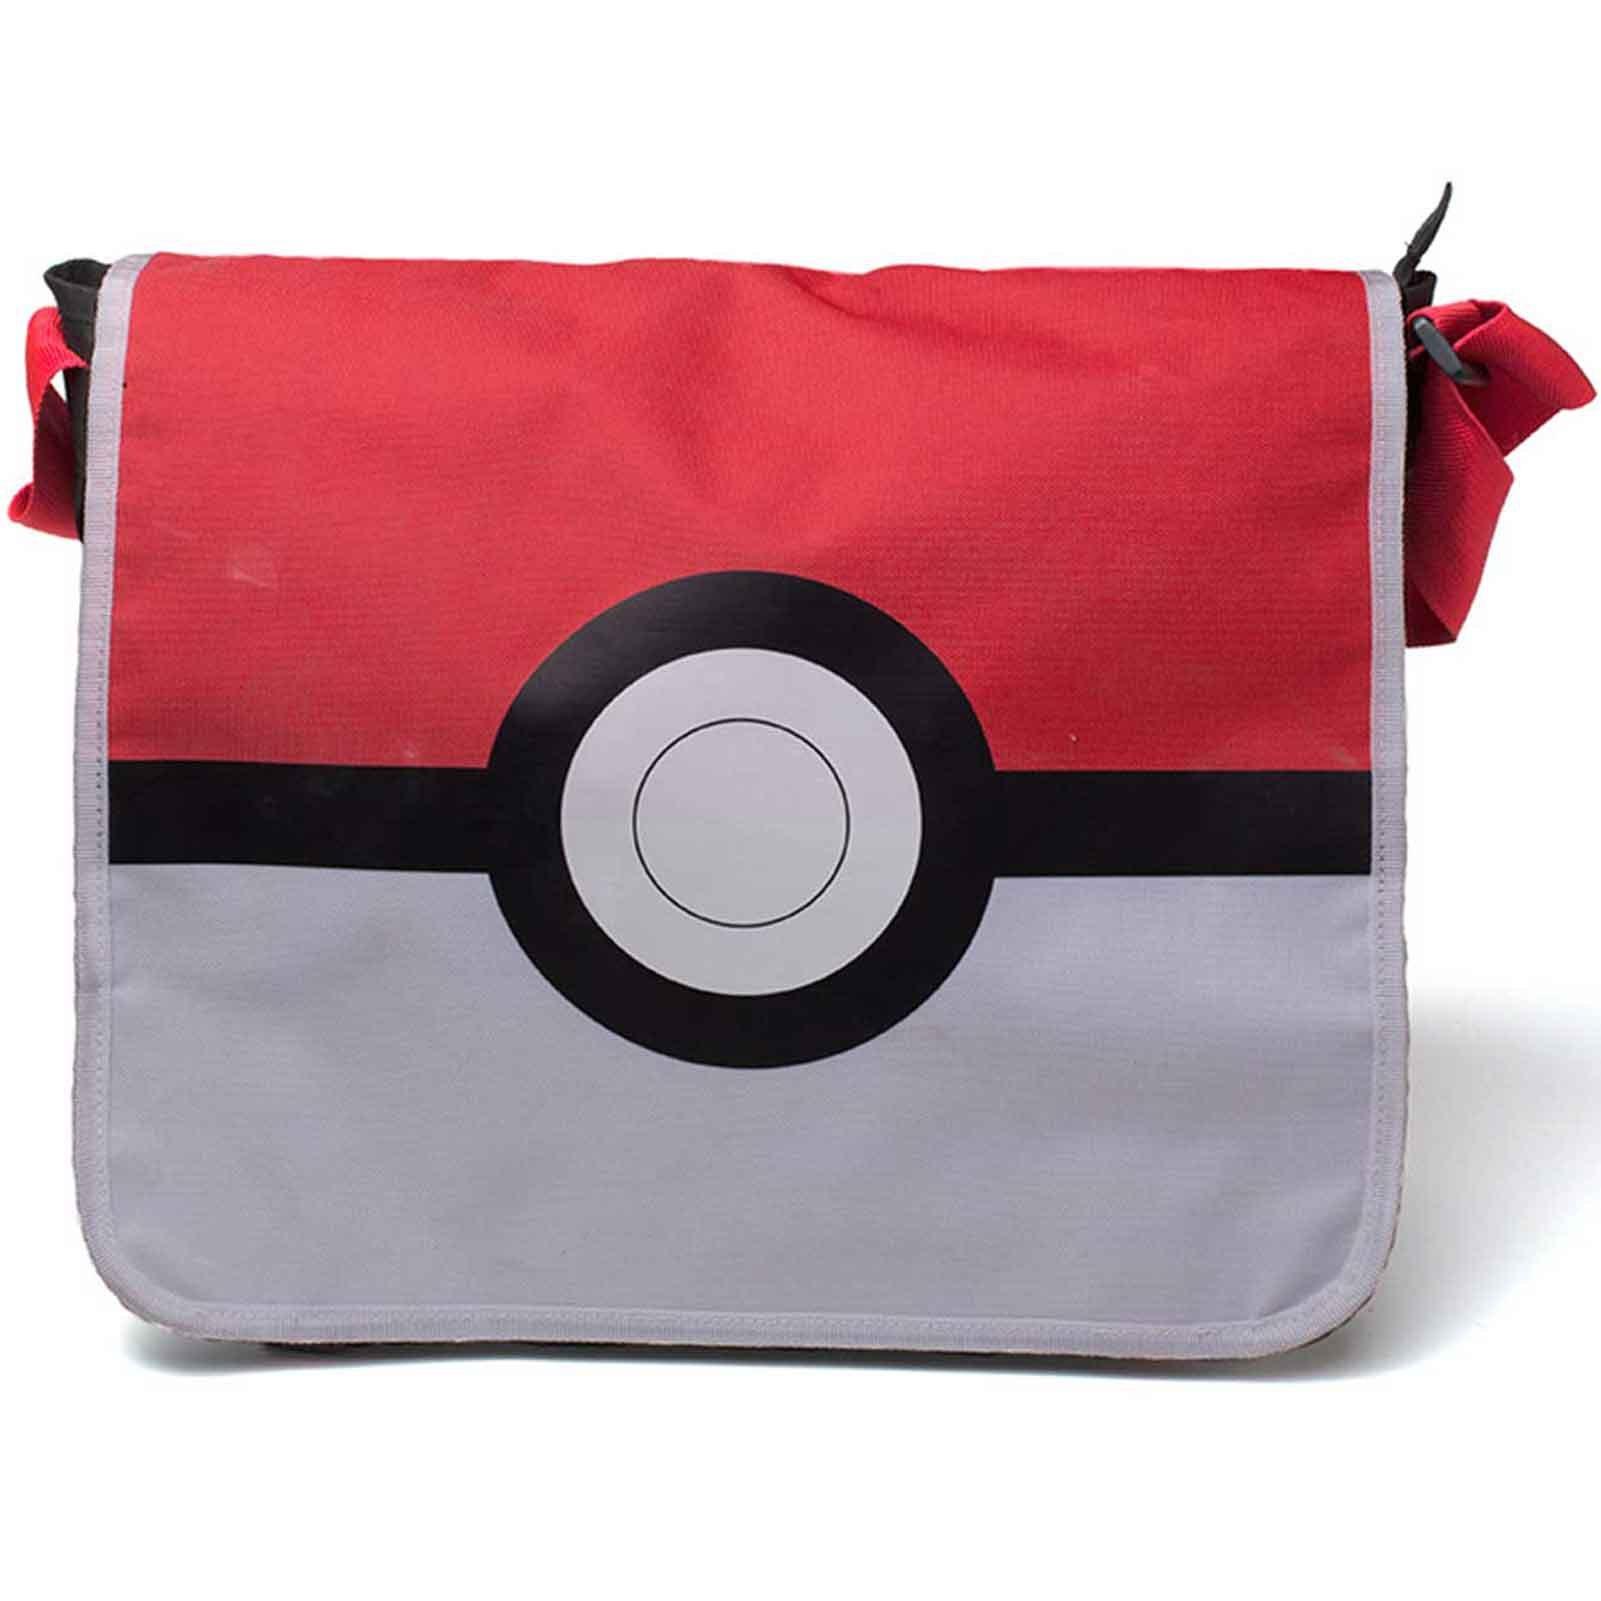 Pokemon Messenger Bag Pokeball Logo Official